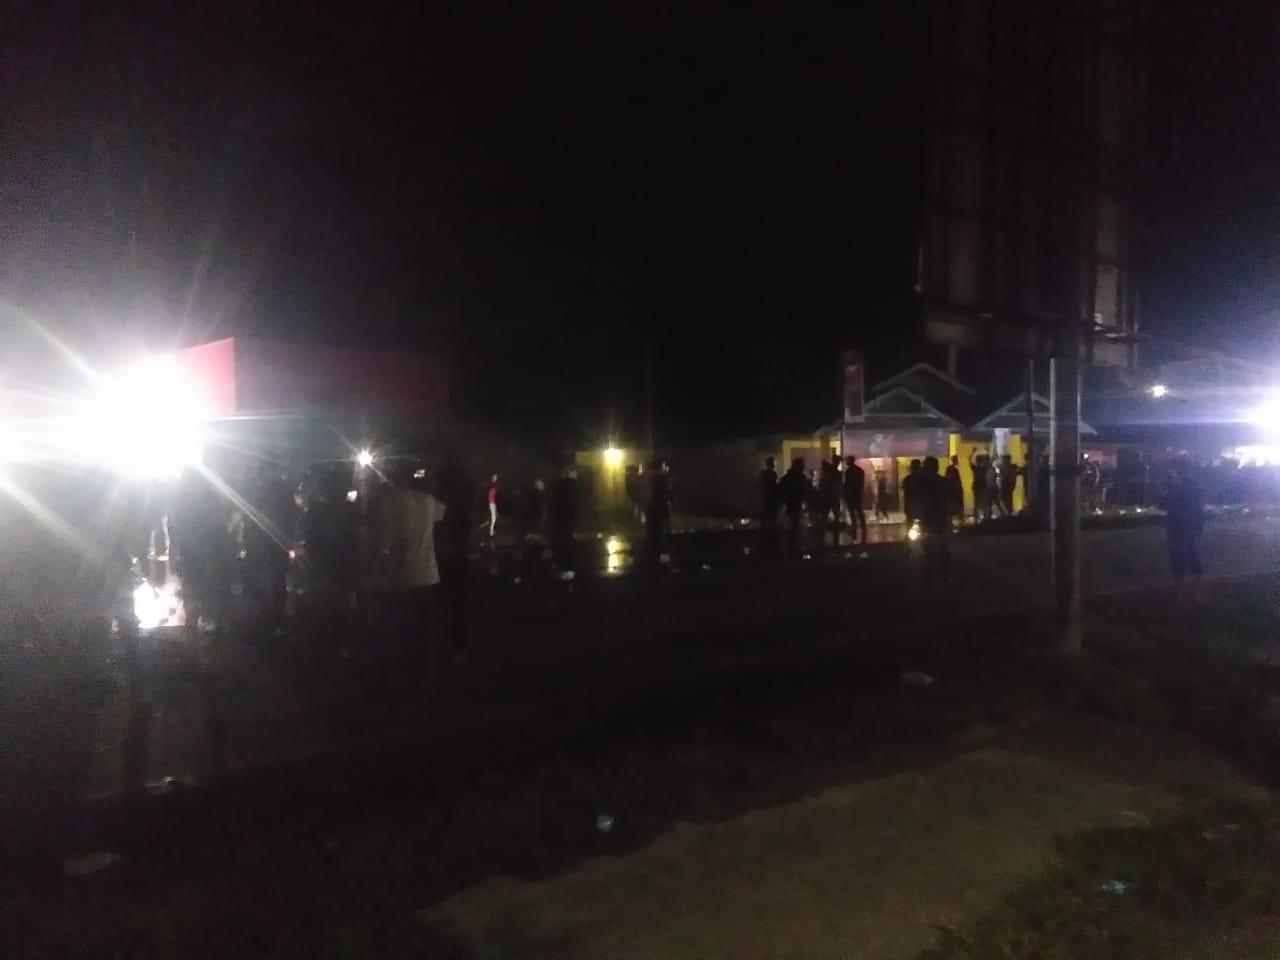 Ketgam : massa aksi berhamburan saat polisi mengeluarkan gas air mata